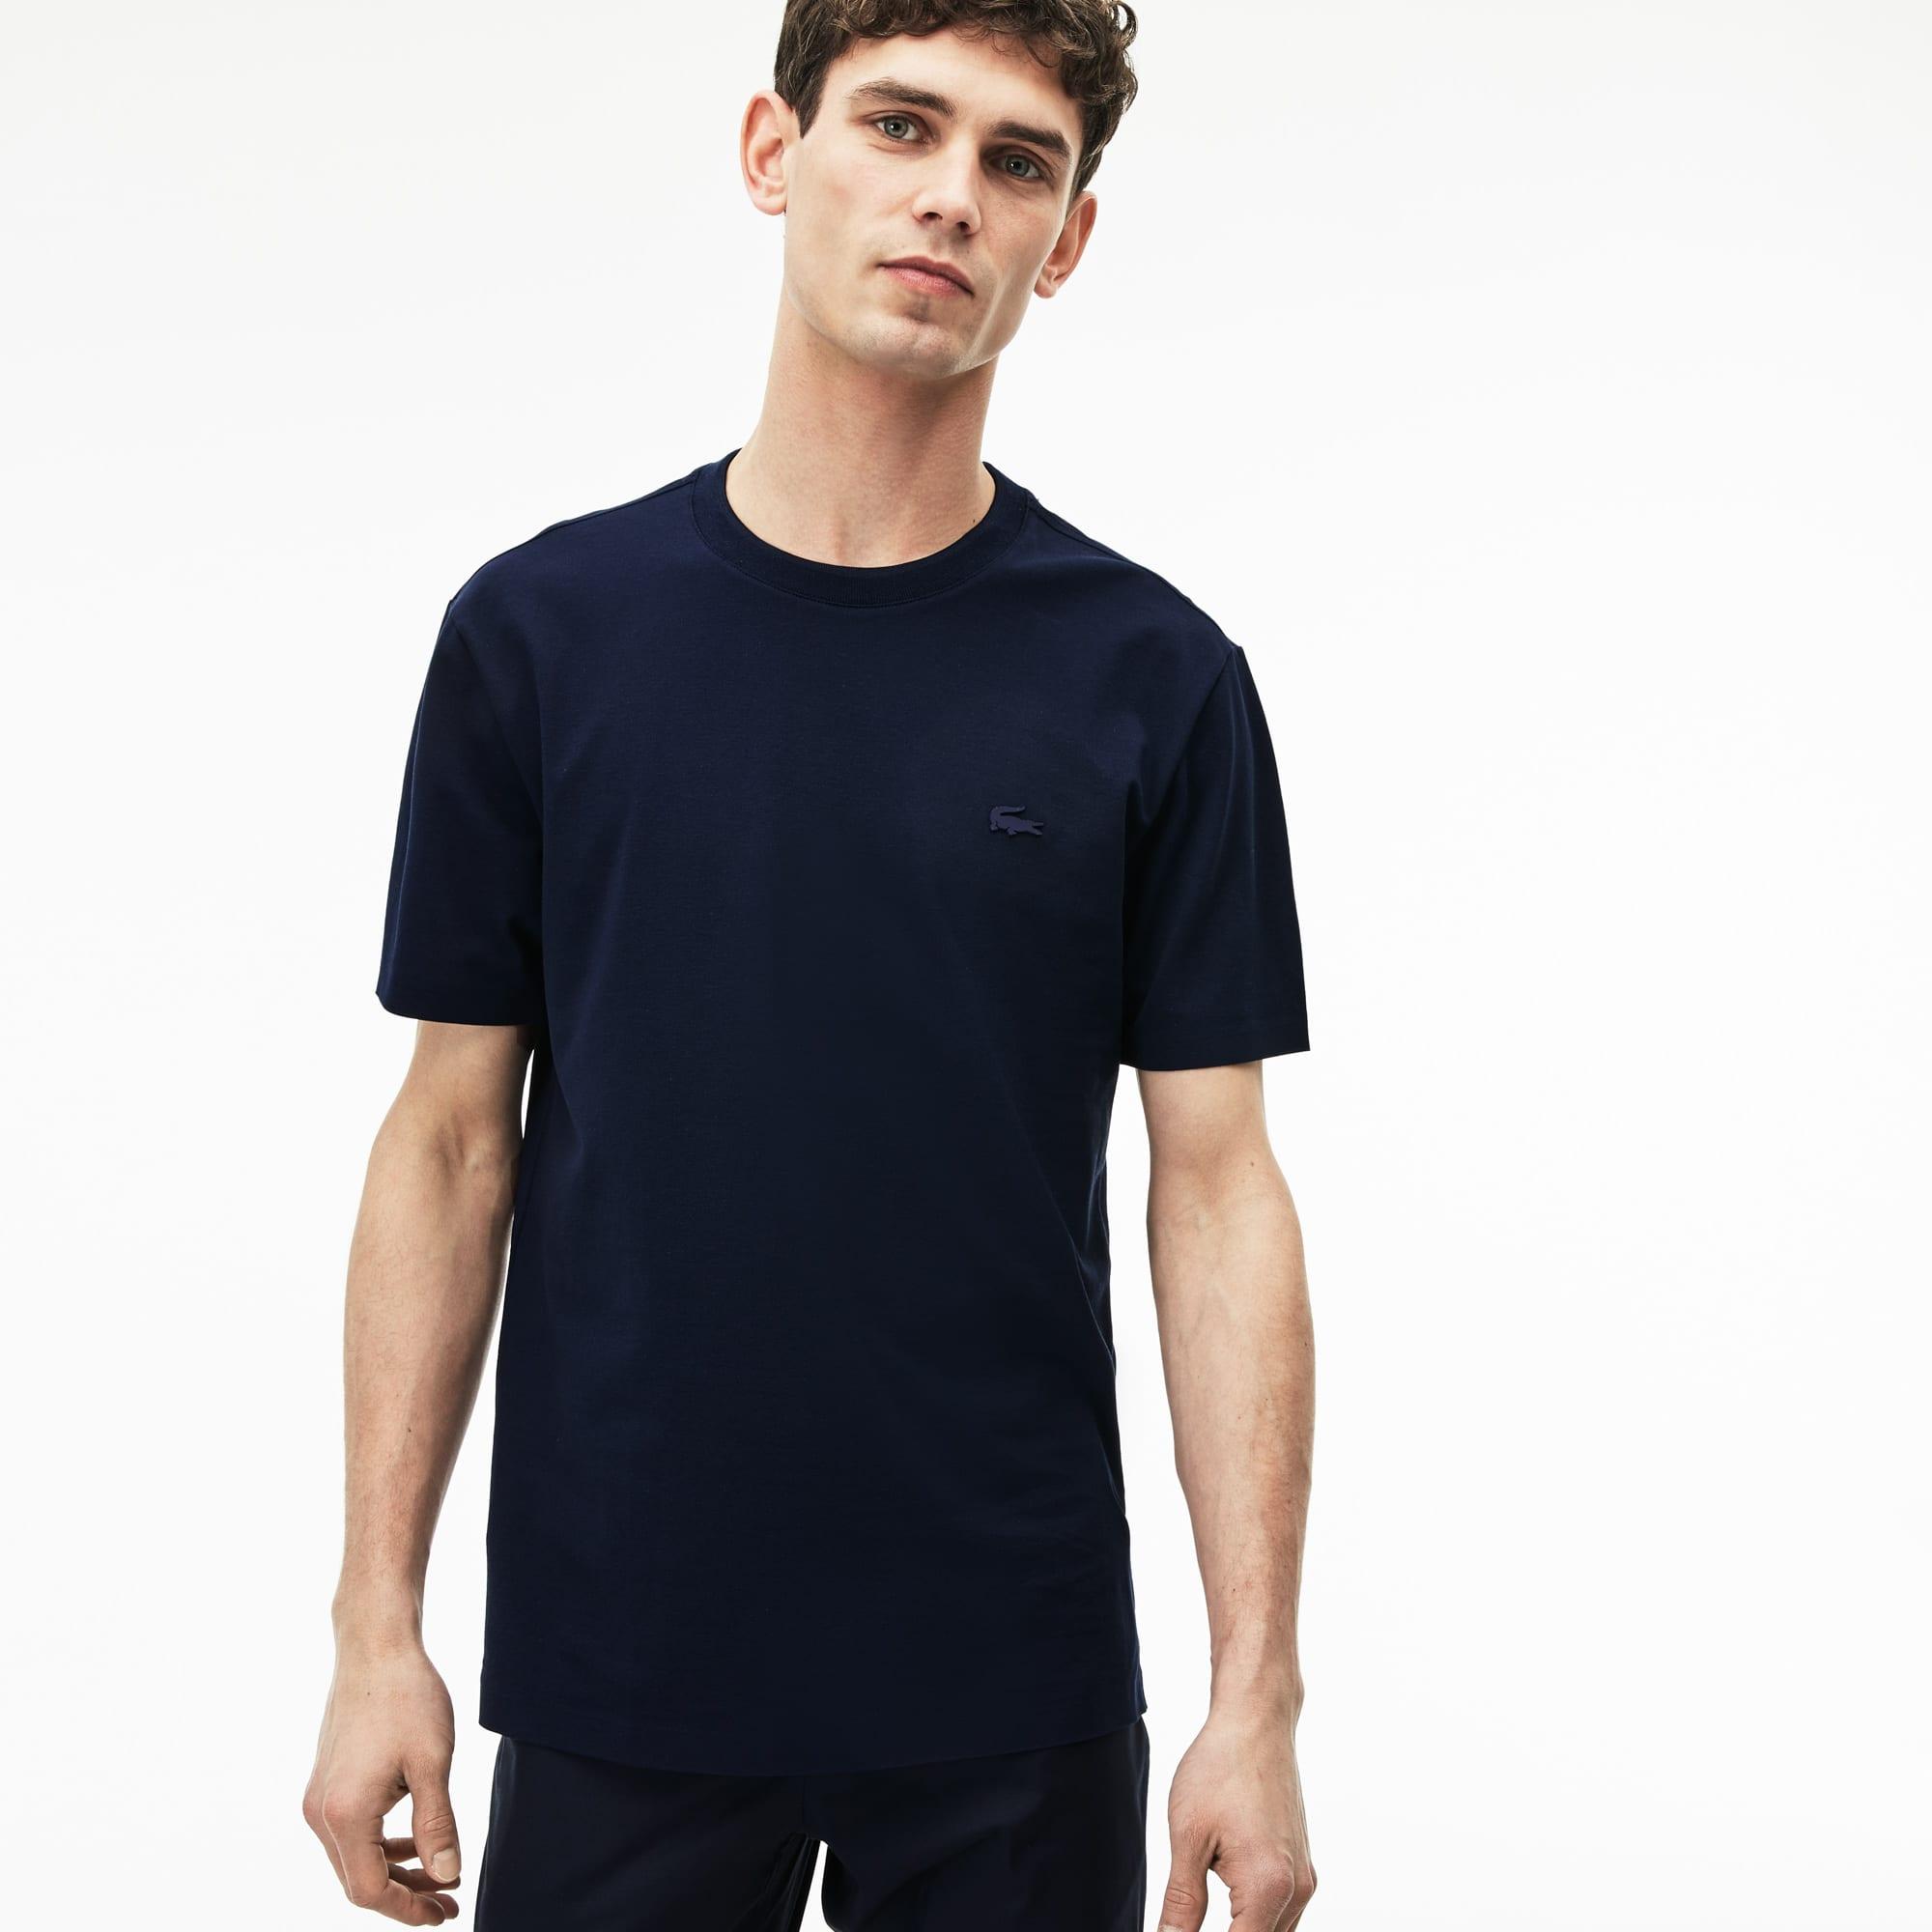 Herren-Rundhals-T-Shirt MOTION aus Pima-Baumwoll-Piqué